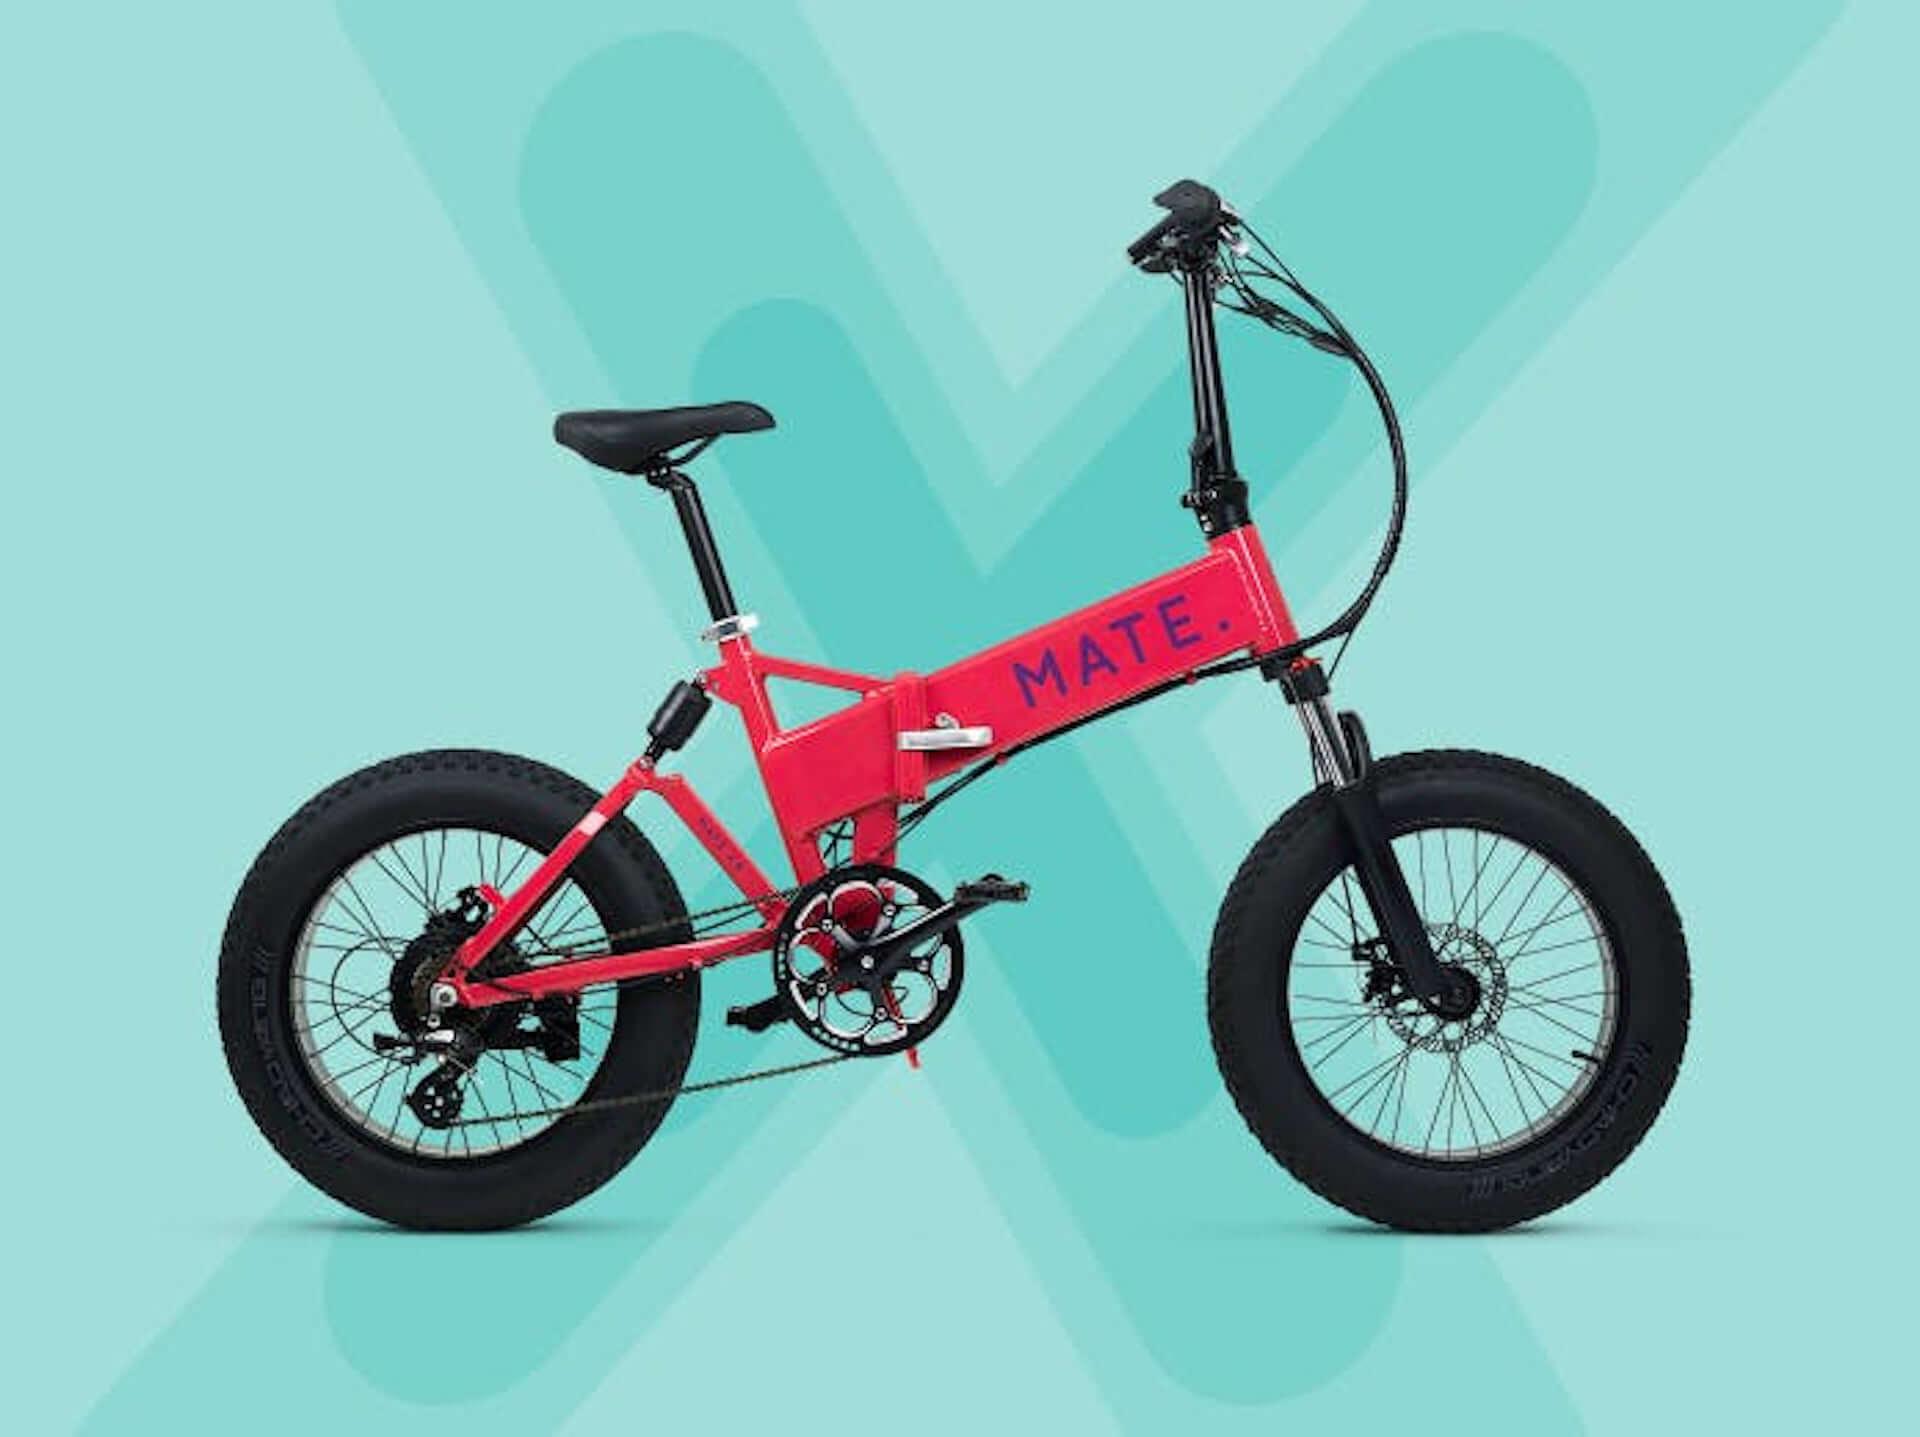 18億円超の支援を集めた折り畳み式電動自転車『MATE X』が日本に上陸!クラウドファンディングが本日開始 life200408_mate_bike_2-1920x1437